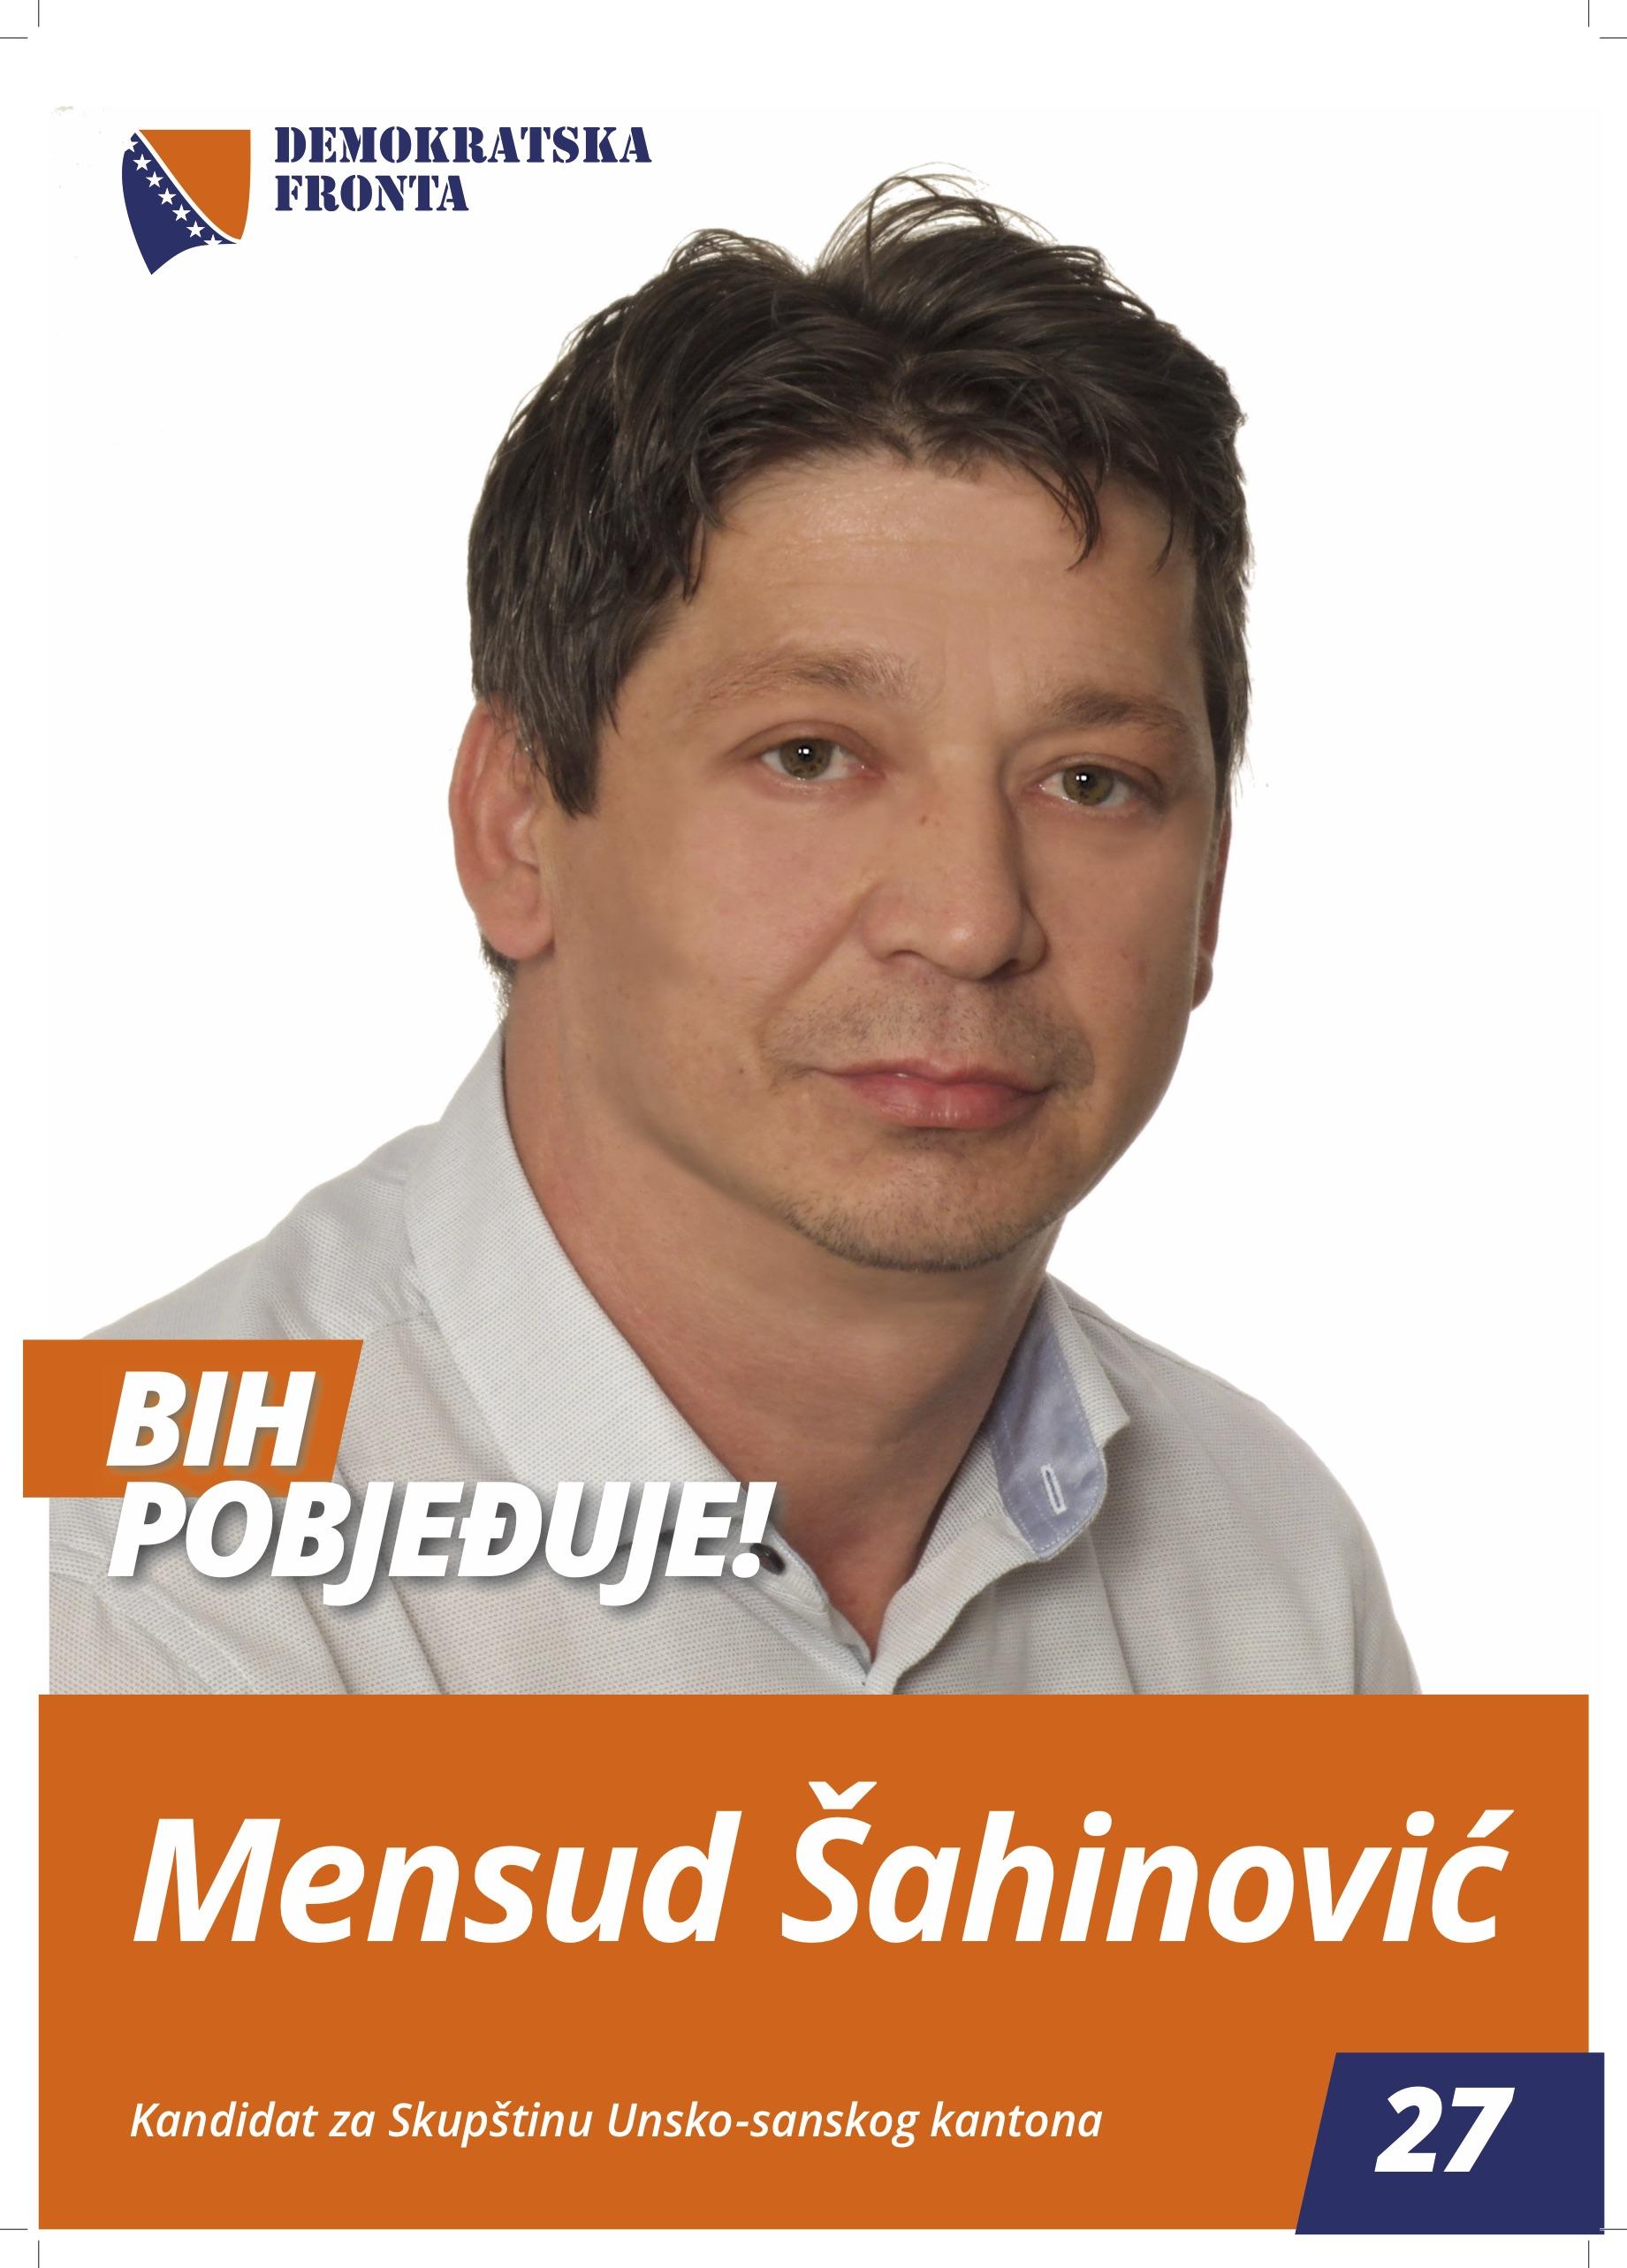 Mensud Šahinović, diplomirani ekonomista